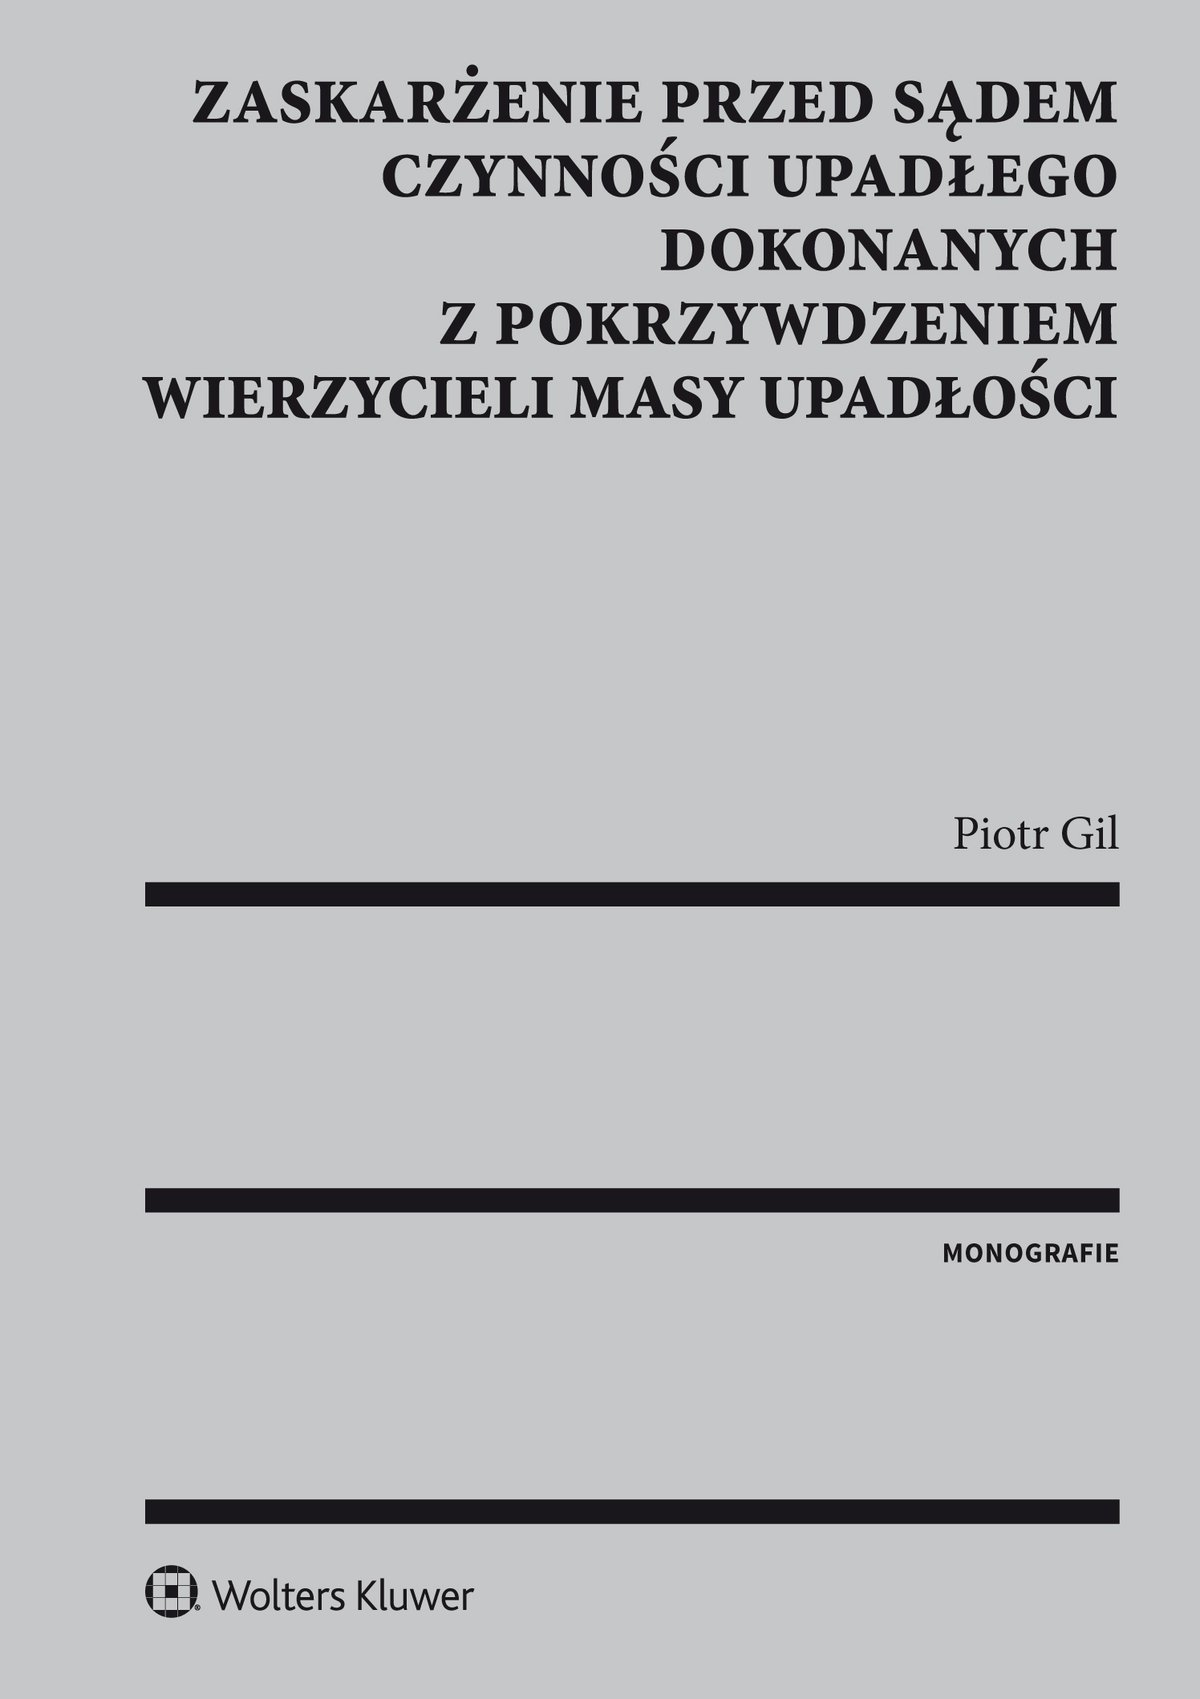 Zaskarżenie przed sądem czynności upadłego dokonanych z pokrzywdzeniem wierzycieli masy upadłości - Ebook (Książka PDF) do pobrania w formacie PDF